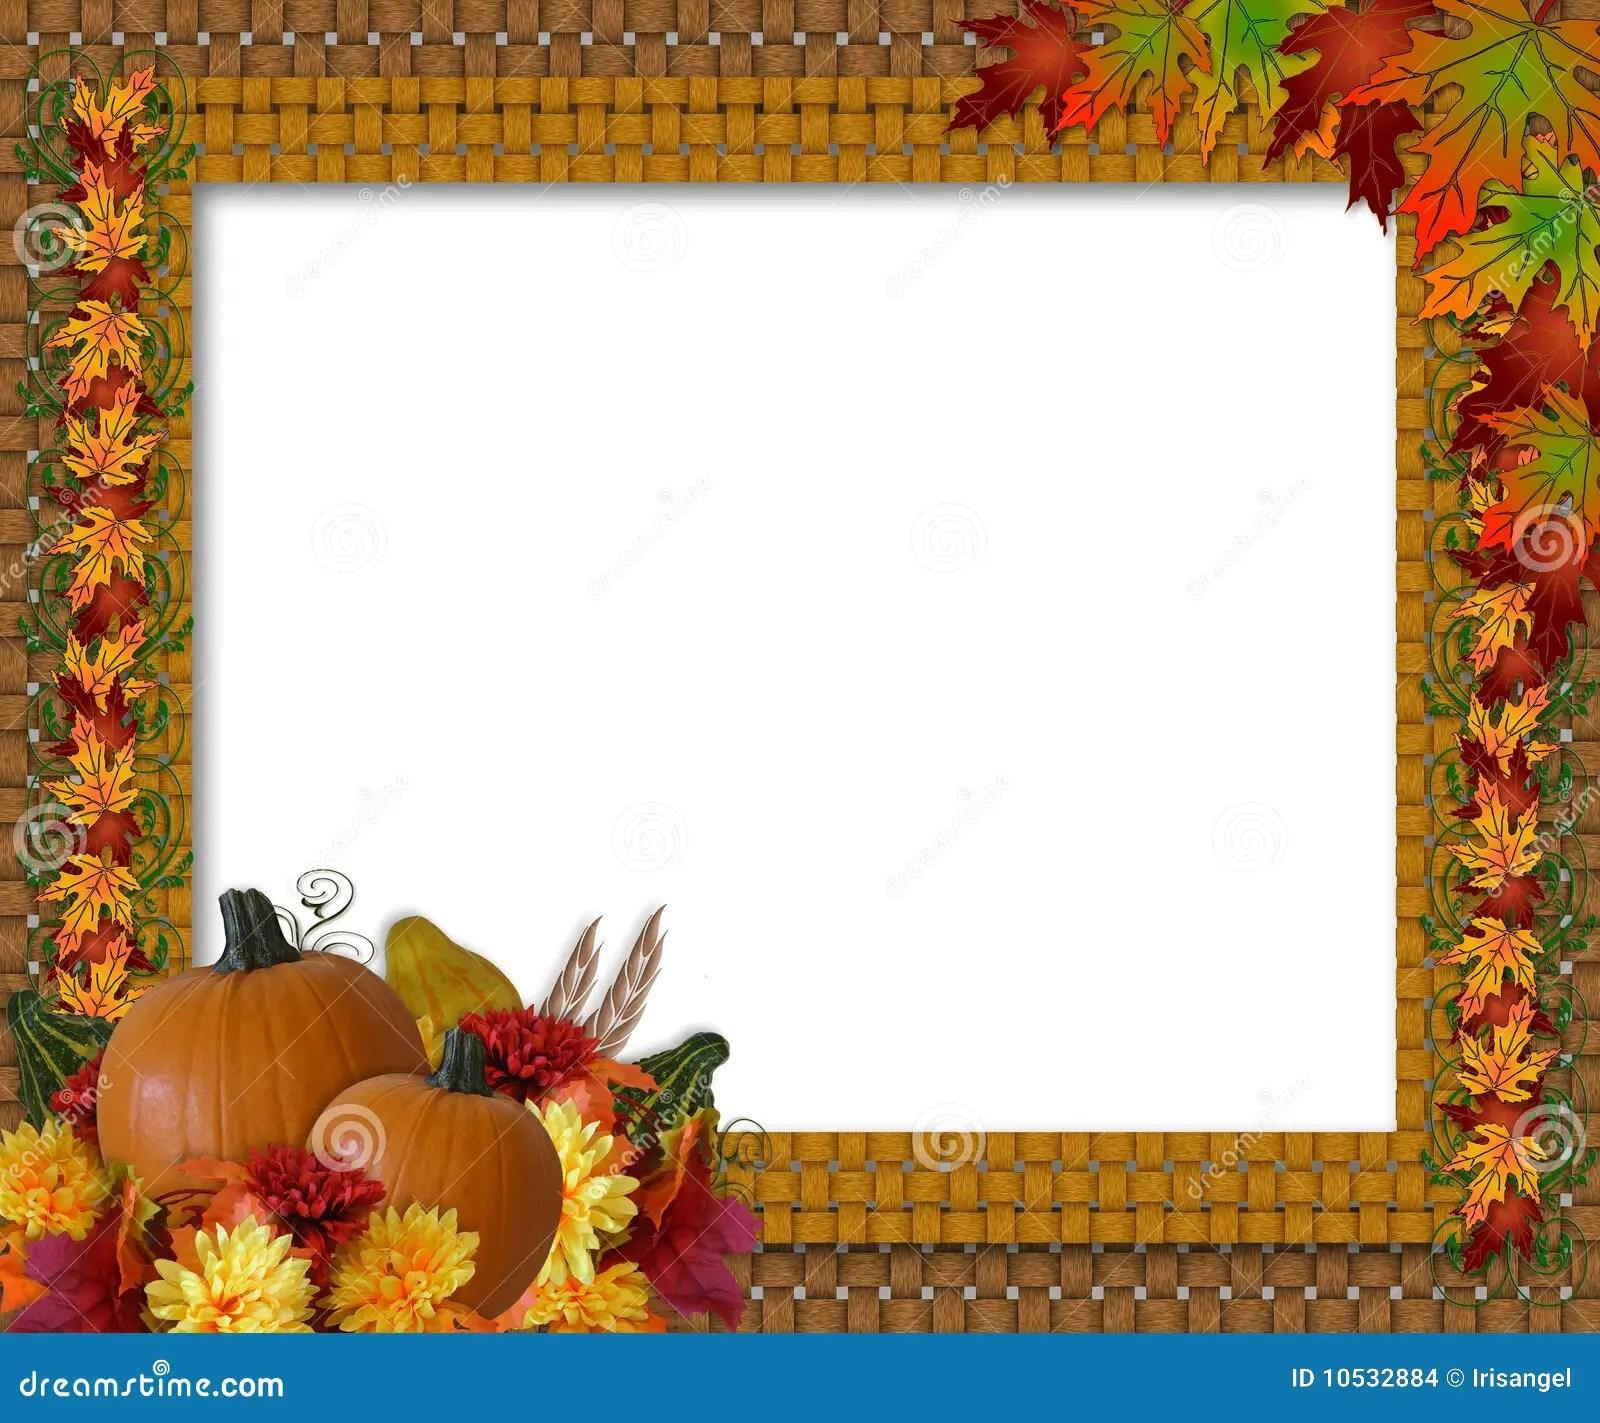 Design Love Fest Wallpaper Fall Thanksgiving Fall Autumn Border Stock Illustration